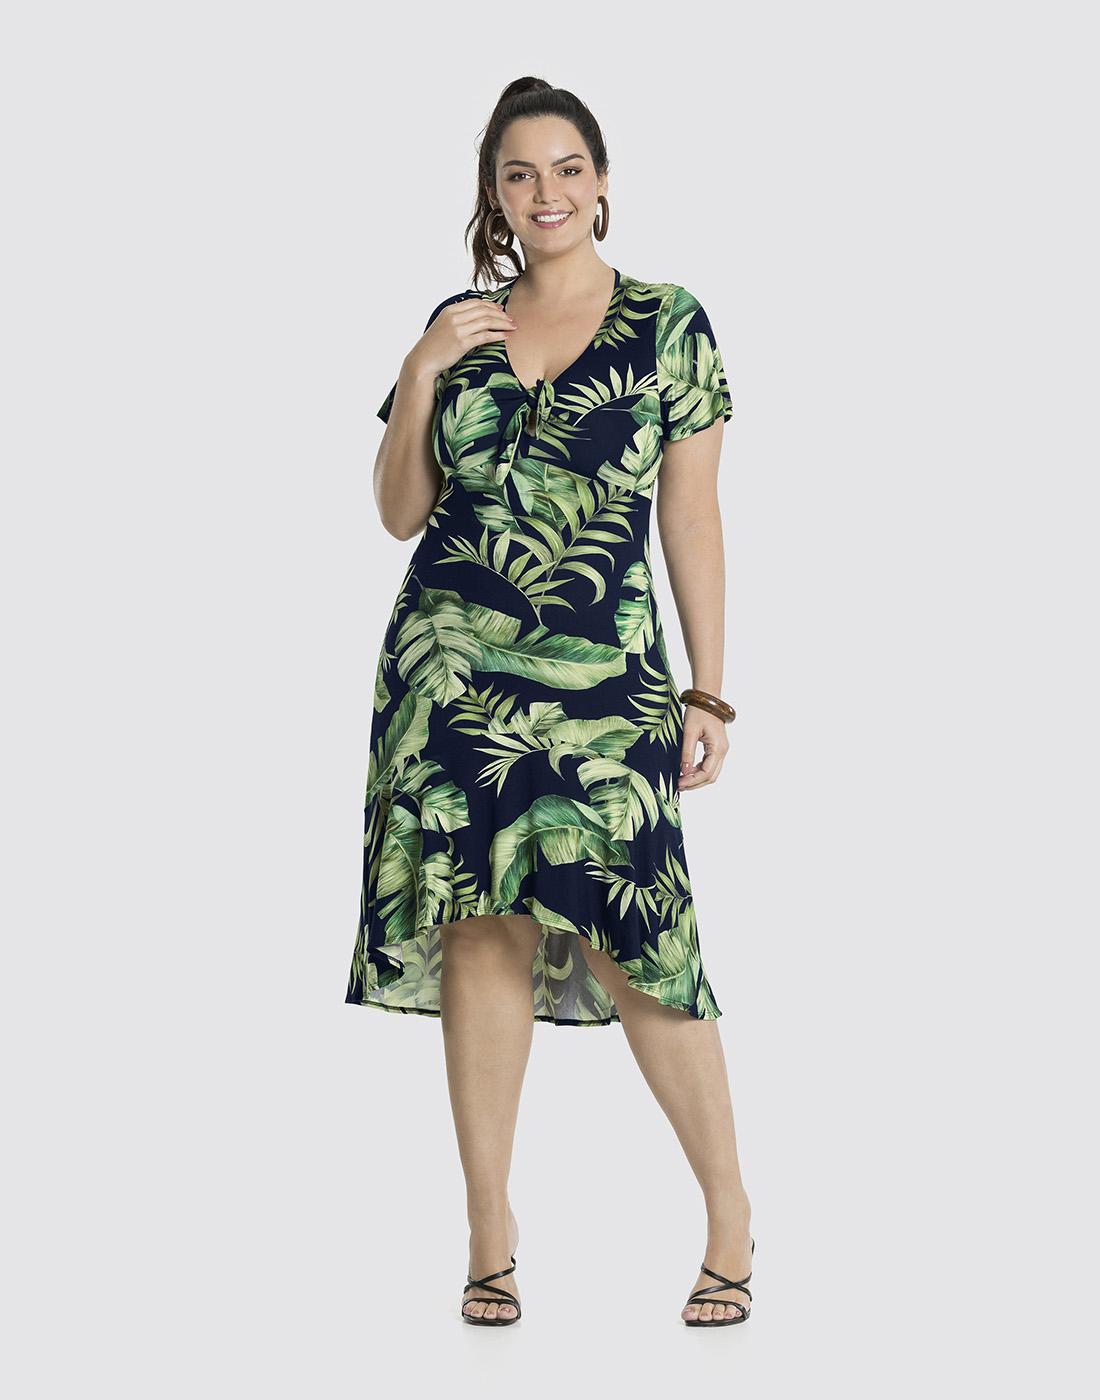 Vestido Estampado em Malha MVS Thirty Plus Marinho Action Lunender Mais Mulher